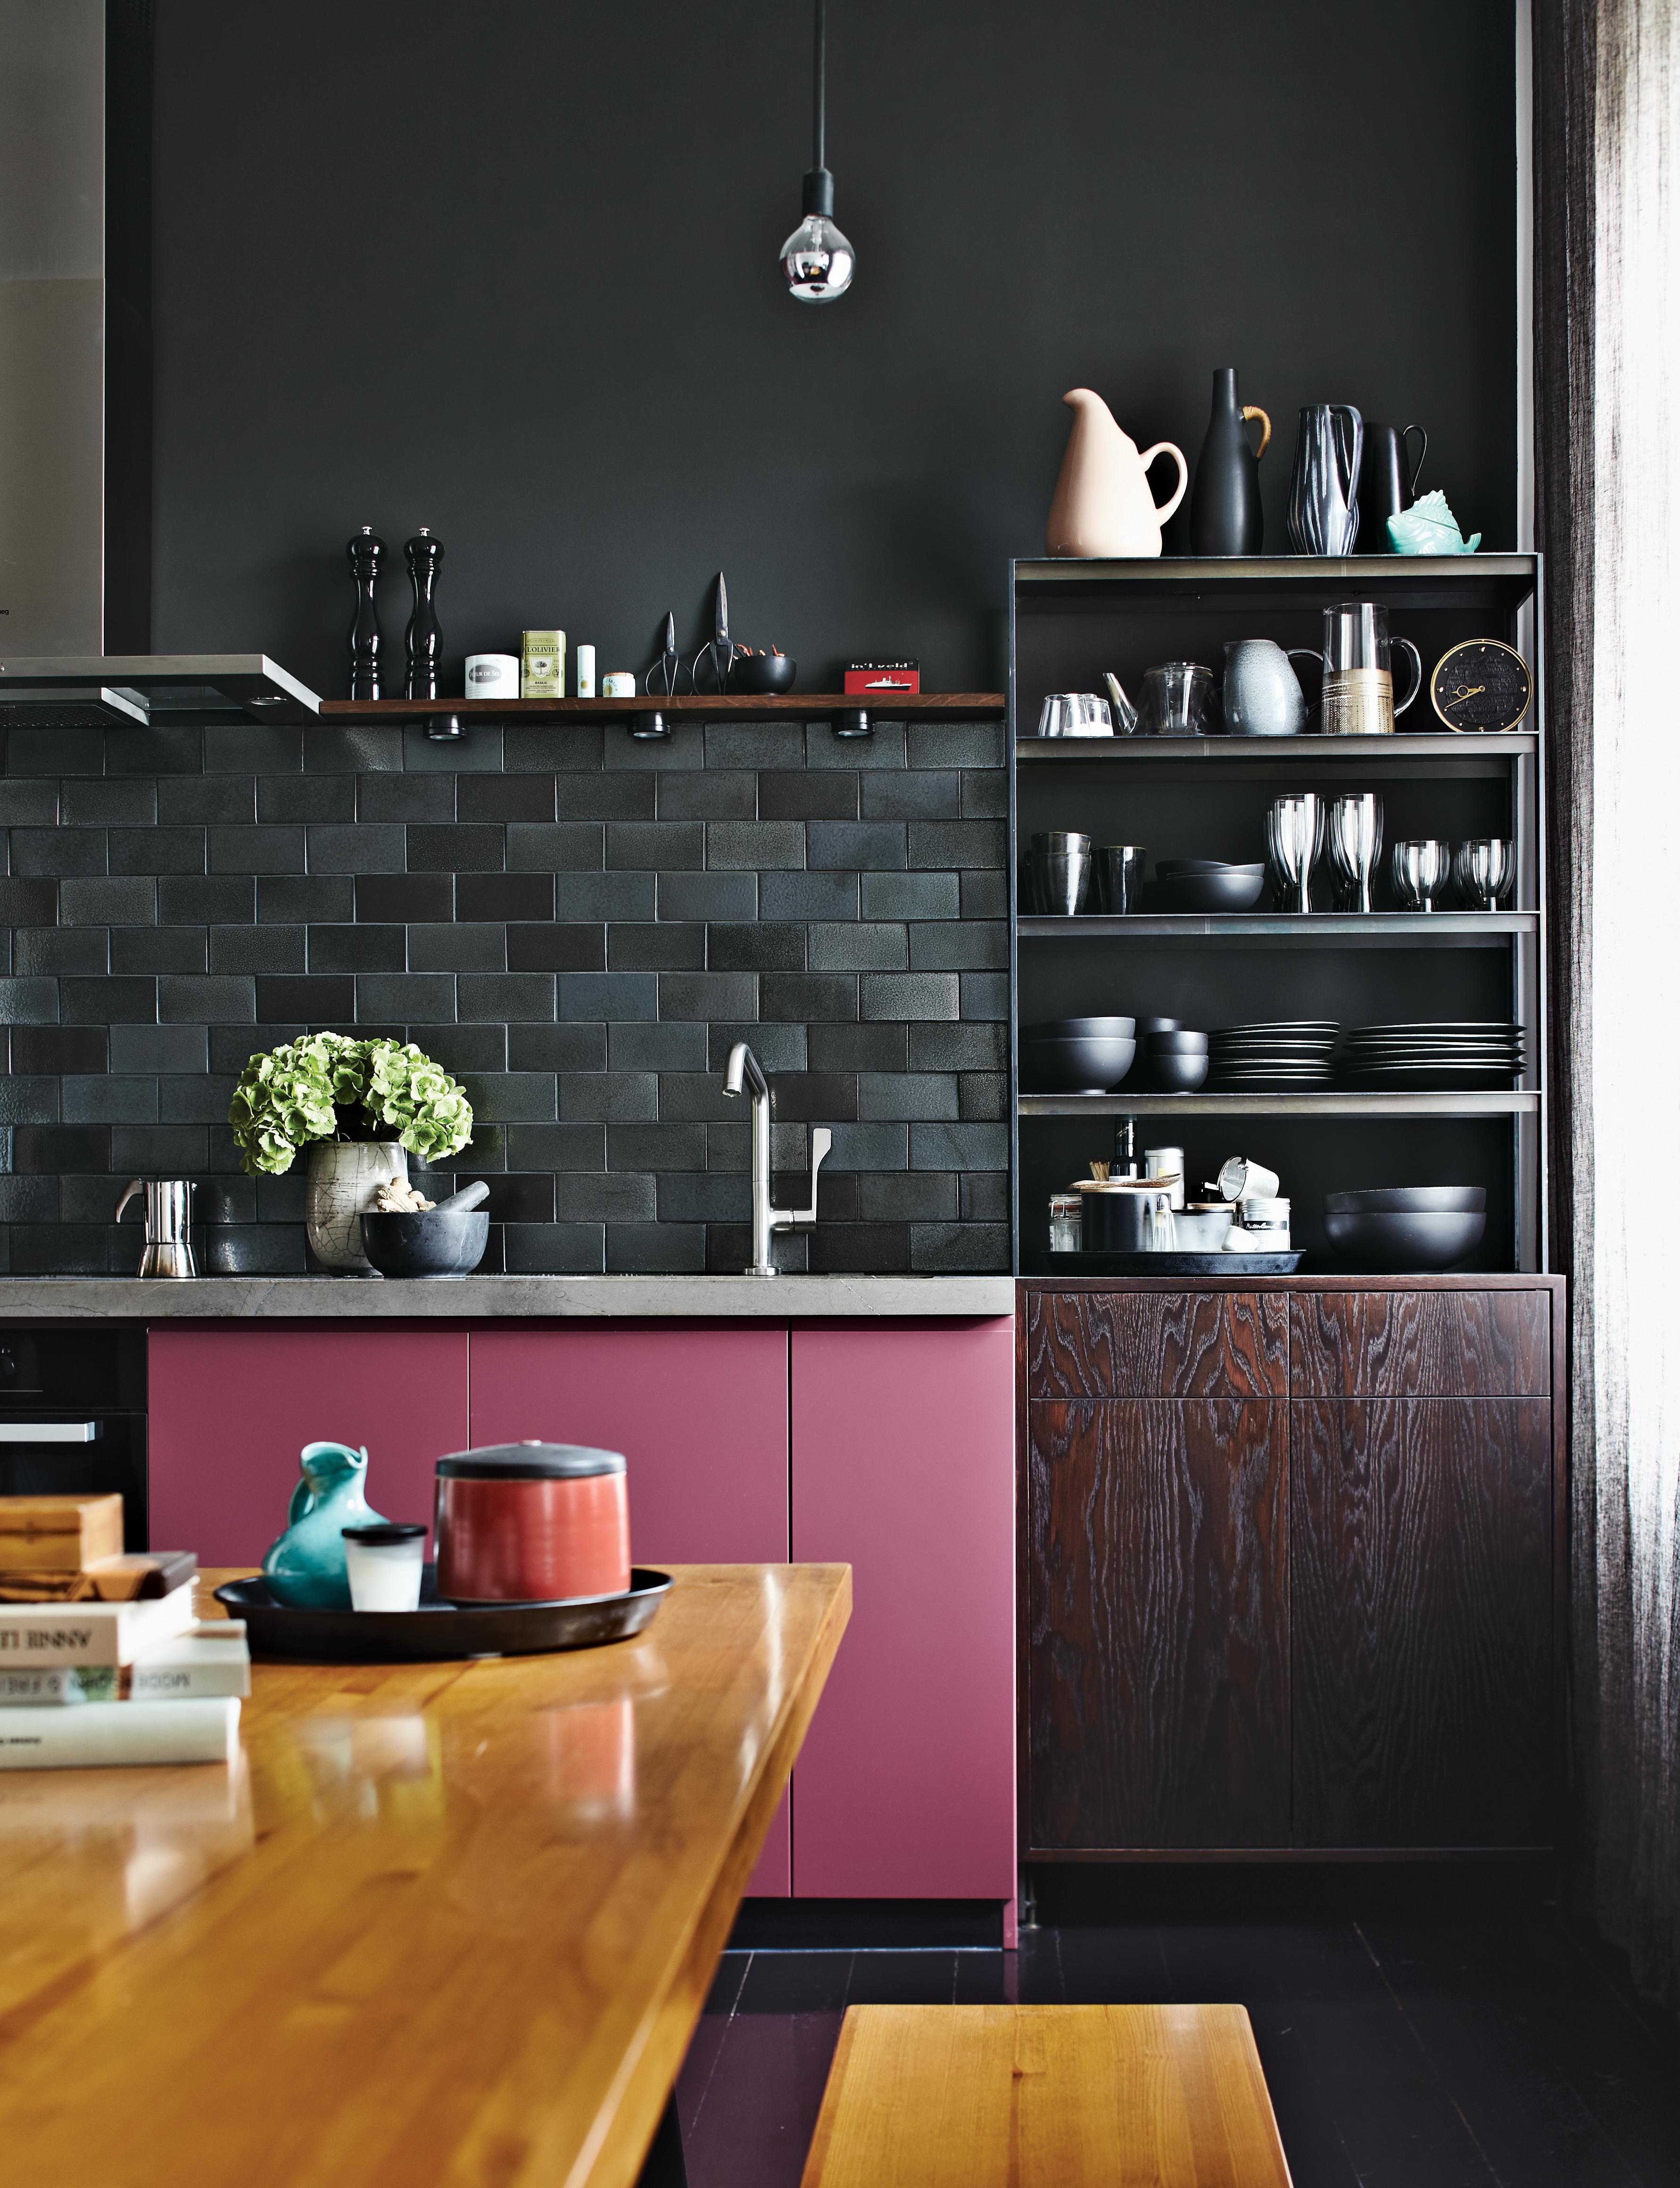 berlin apartment interior kitchen